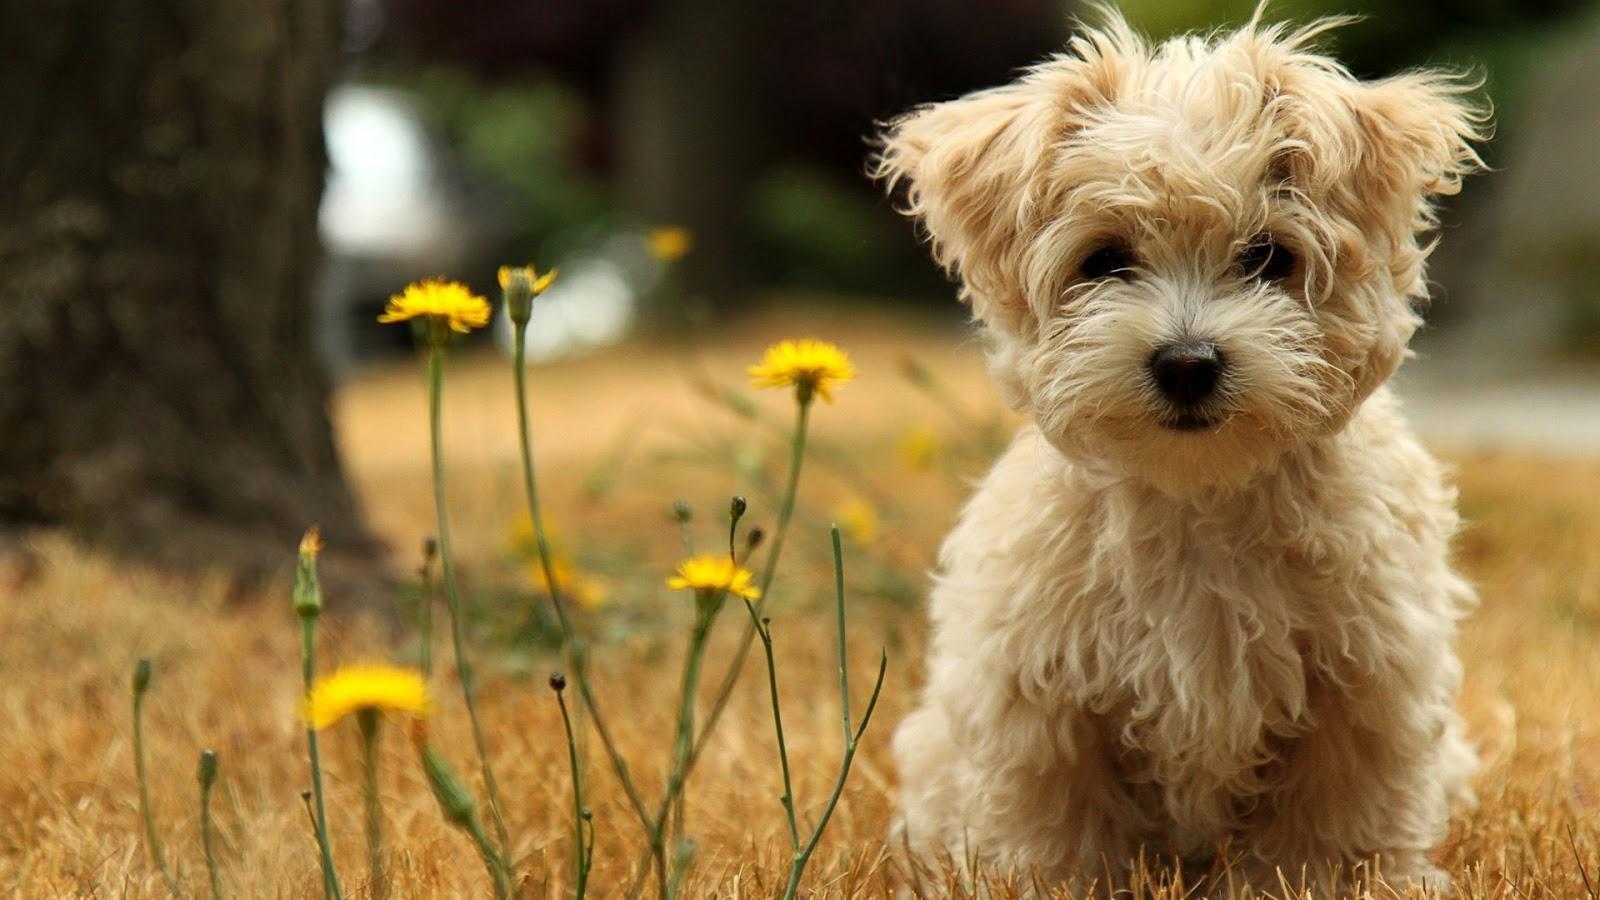 http://2.bp.blogspot.com/-dWWtTIDwTEQ/ULu_YY5GUlI/AAAAAAAAN50/Rxelen9rj6E/s1600/havanese_silk_dog-HD.jpg